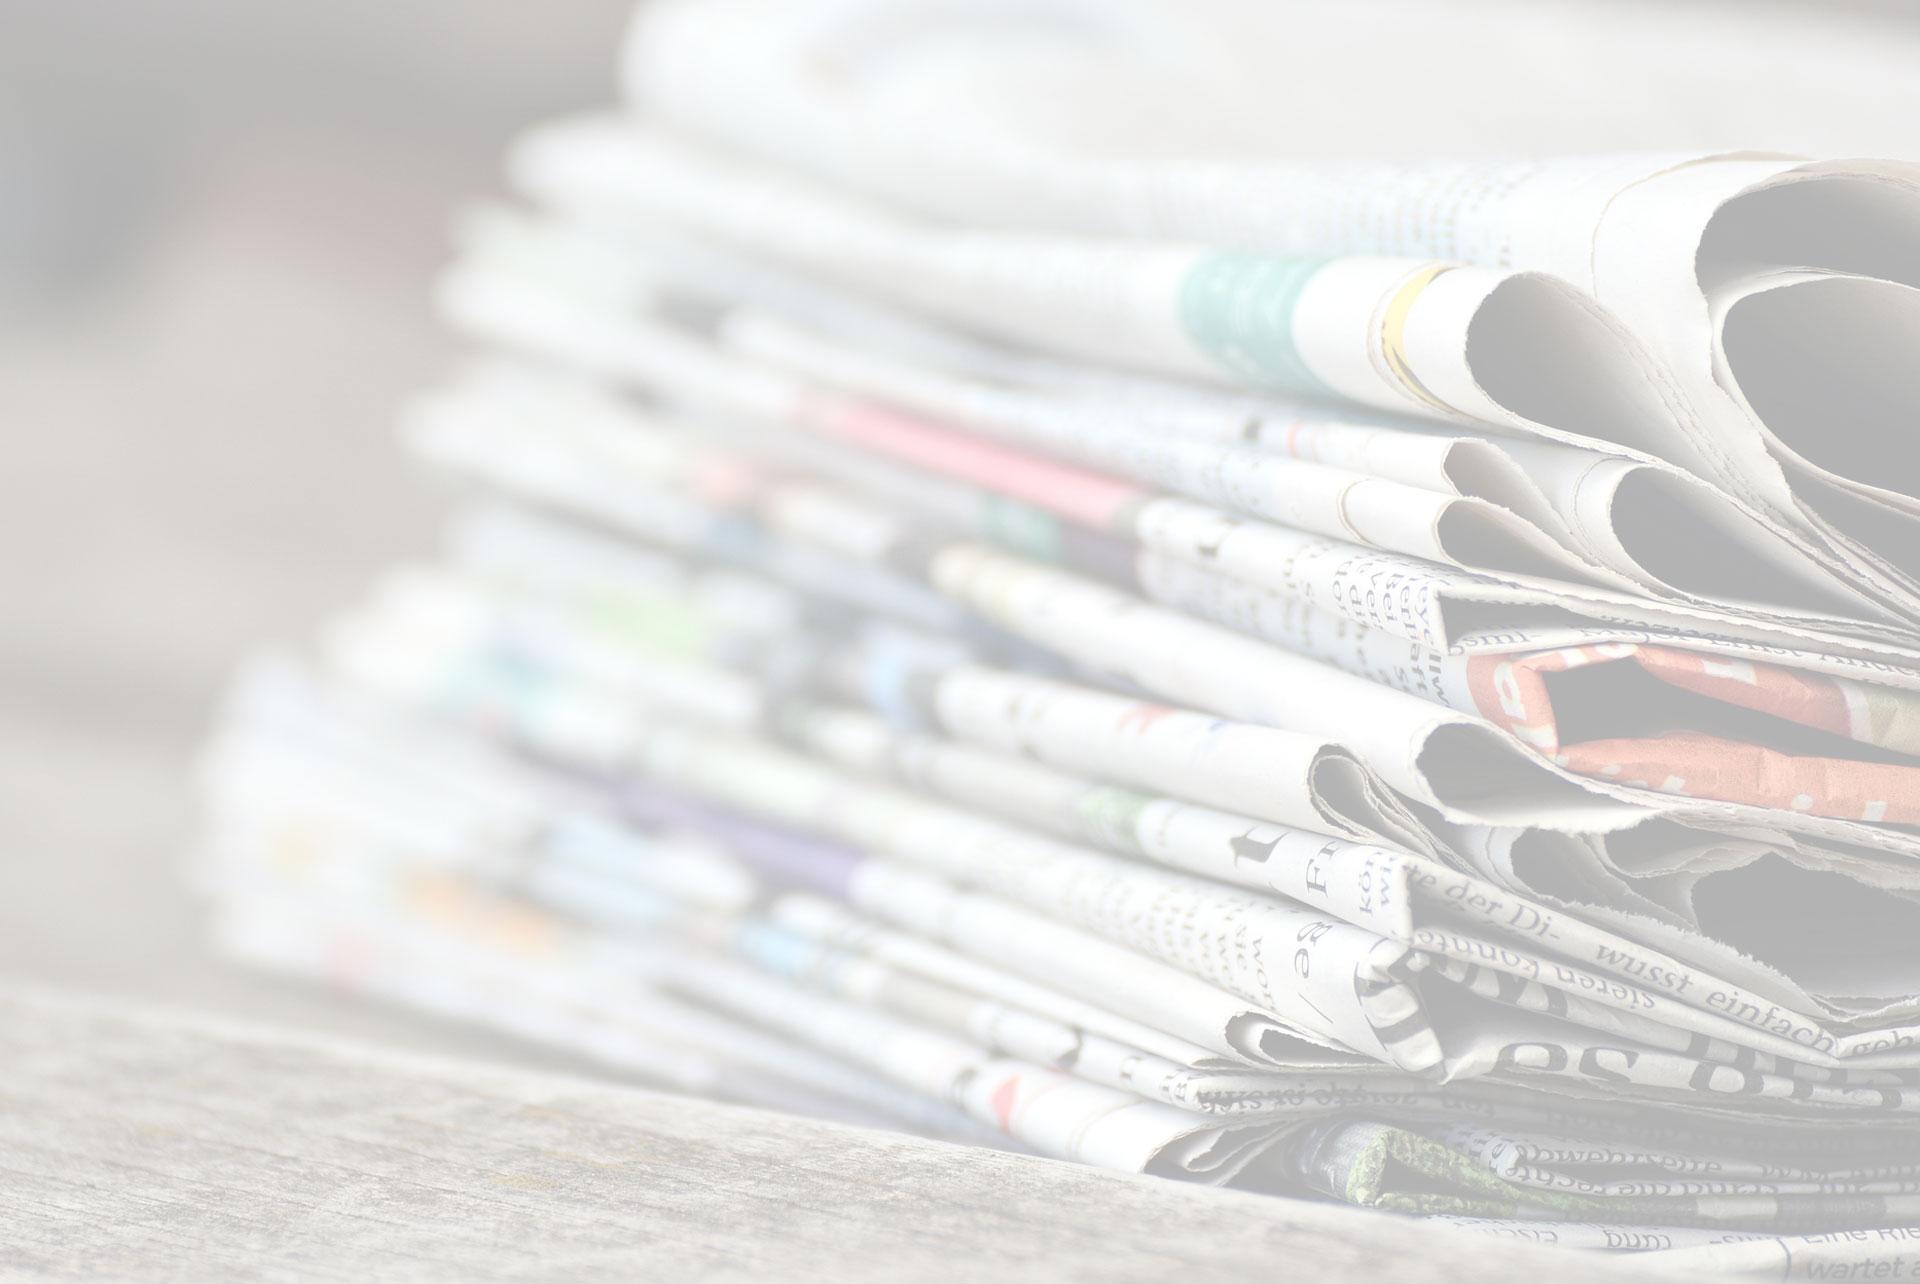 Premio Nobel Chimica 2019